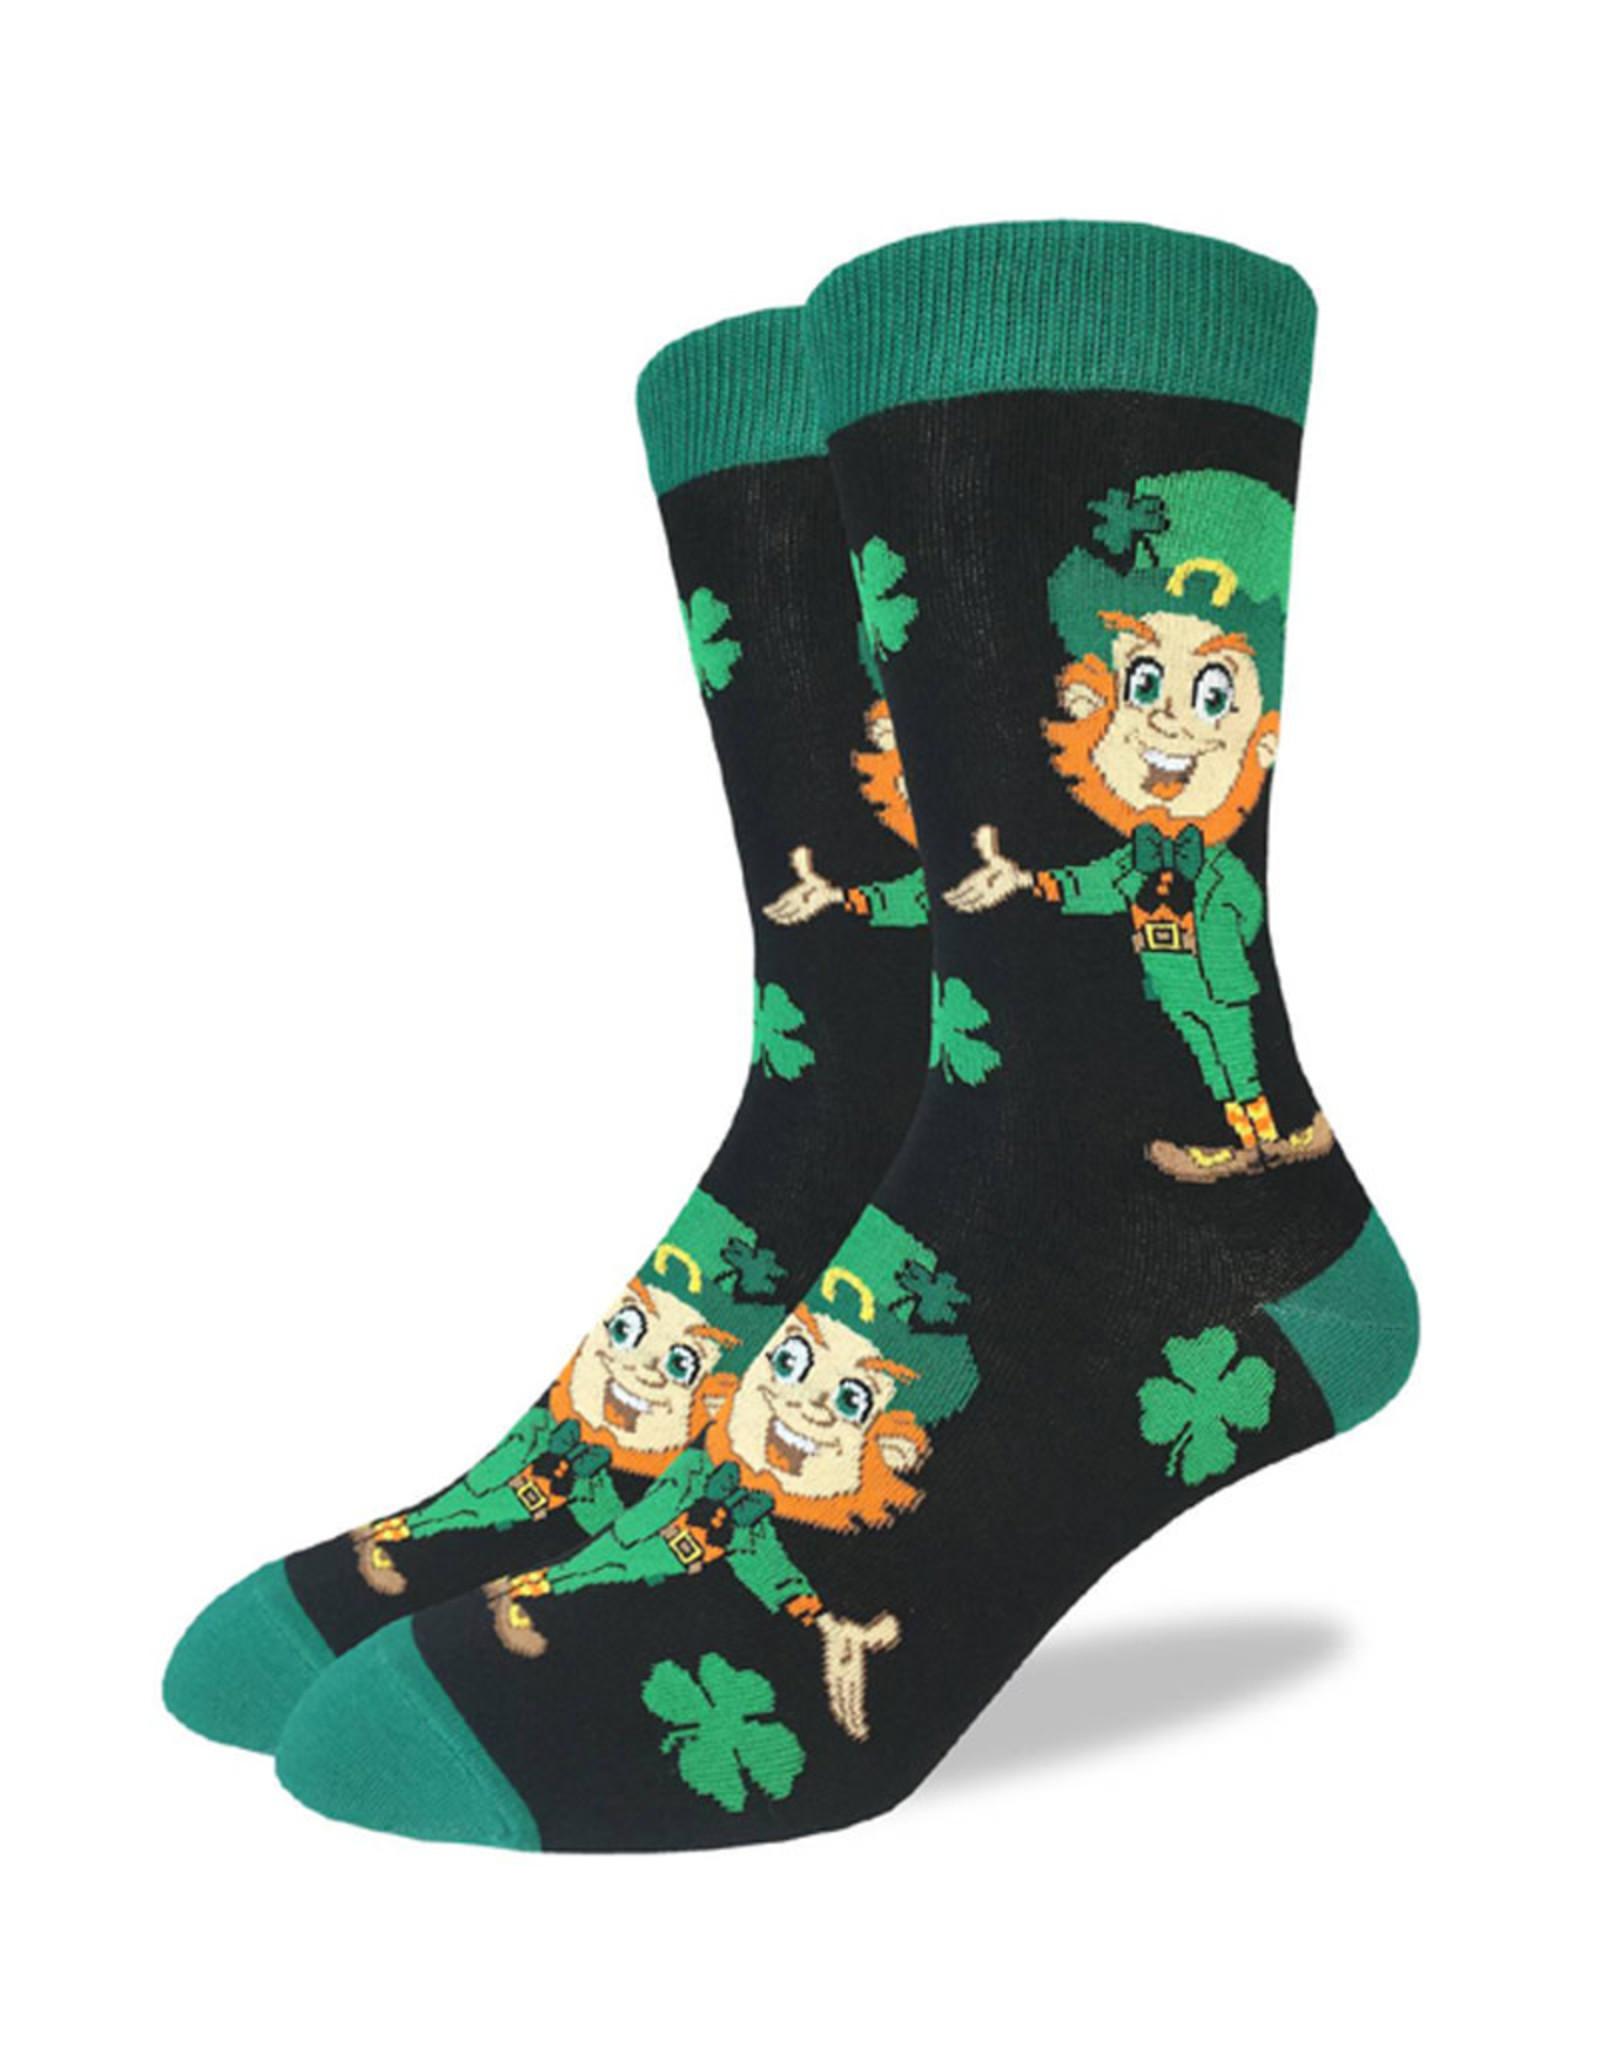 St-Patrick's ( Good Luck Sock Socks ) Leprechaun